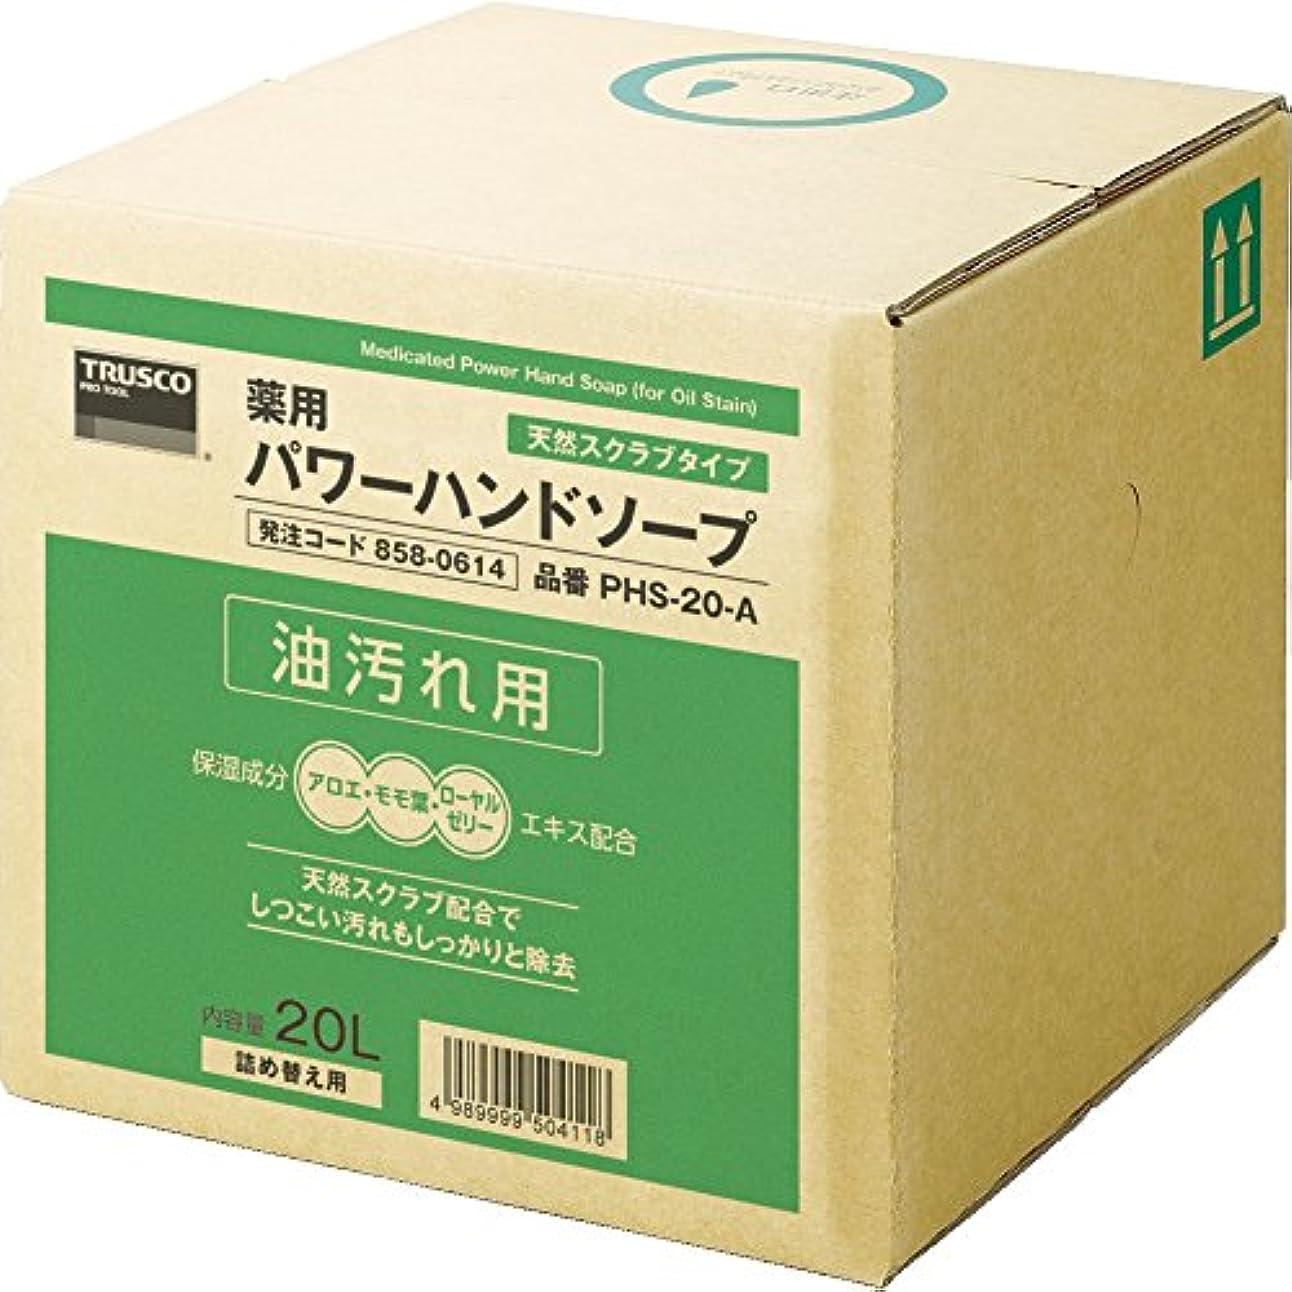 オリエンタル開梱お手入れTRUSCO(トラスコ) 薬用パワーハンドソープ 20L PHS-20-A